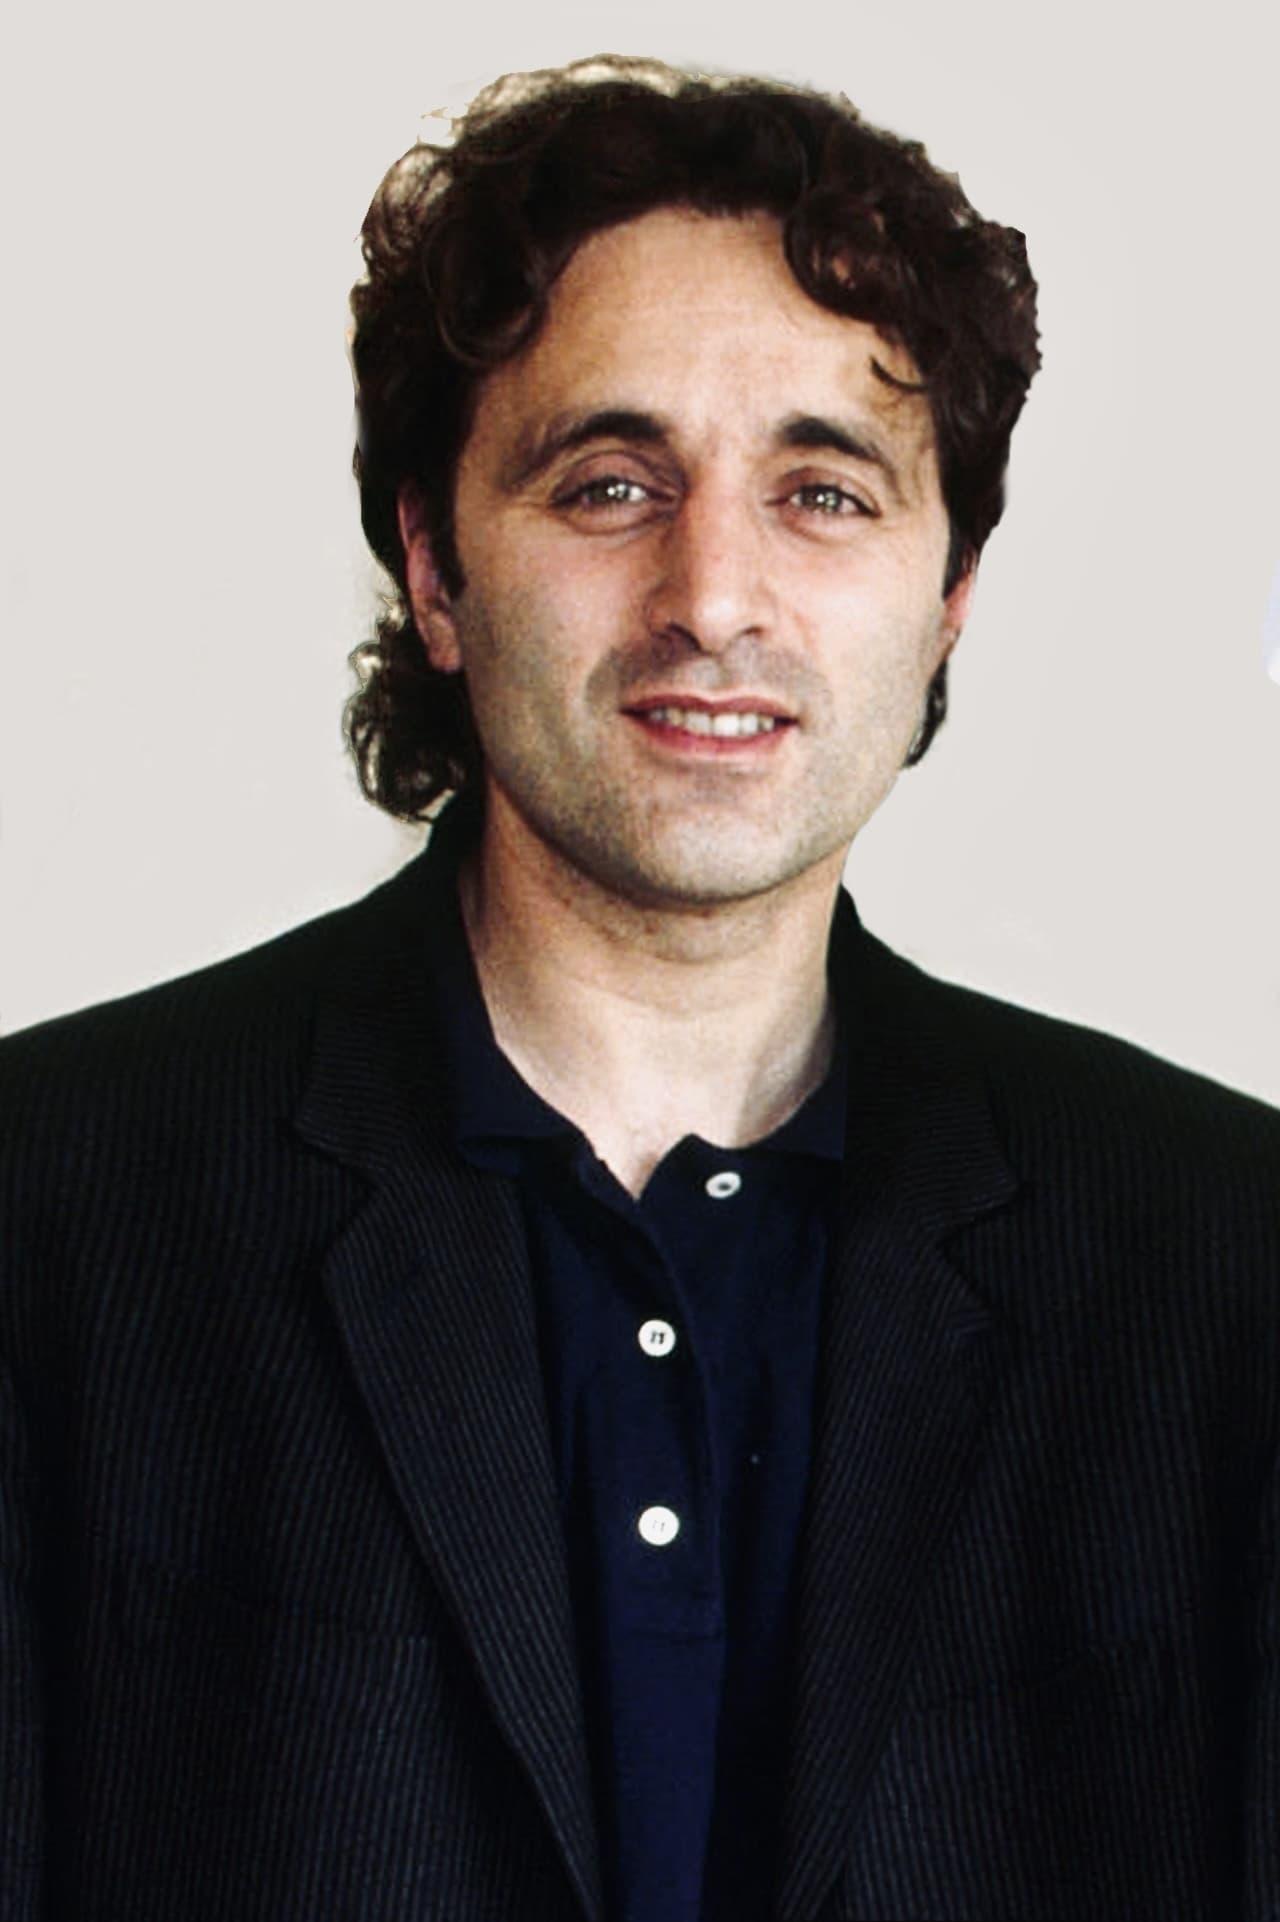 Farid Lahouassa